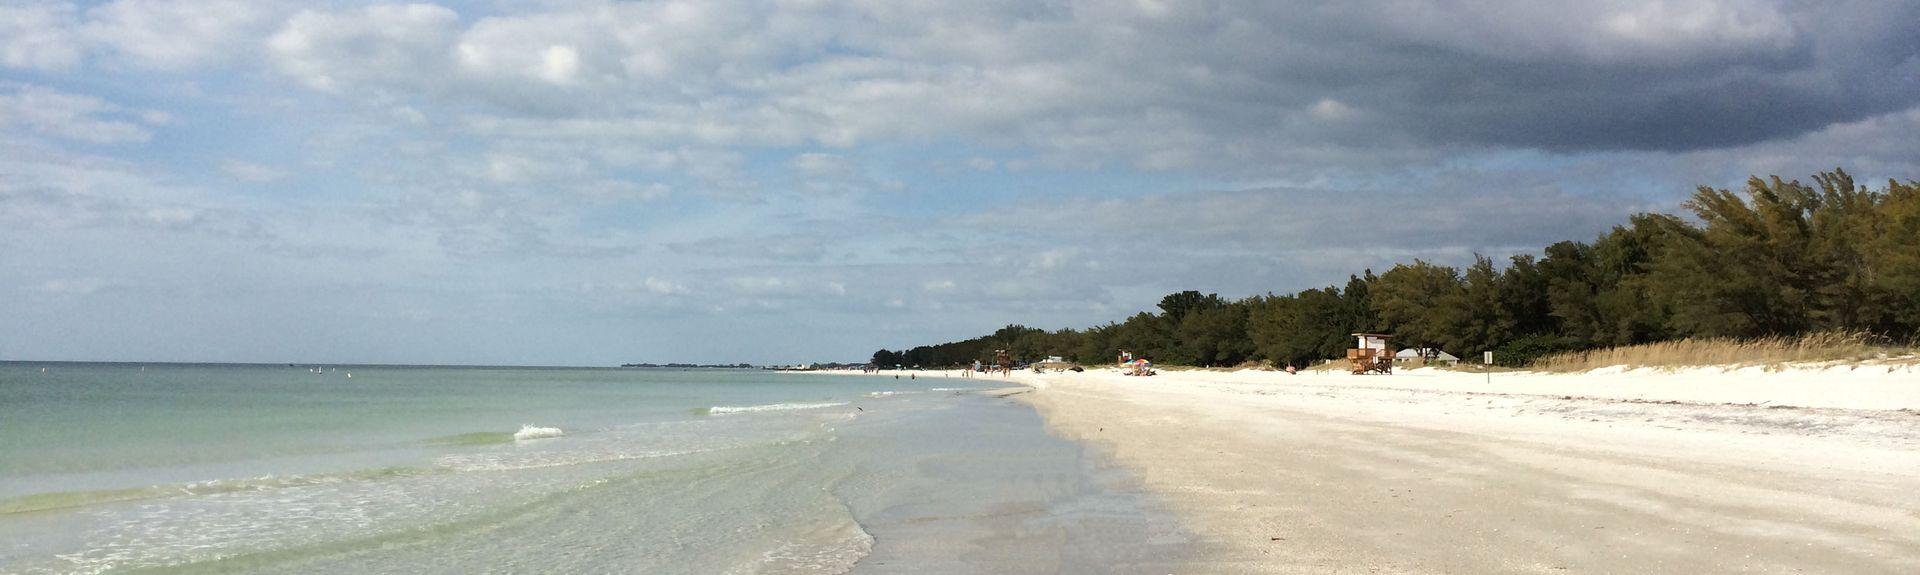 Sabal Harbour, Bradenton, Florida, Estados Unidos